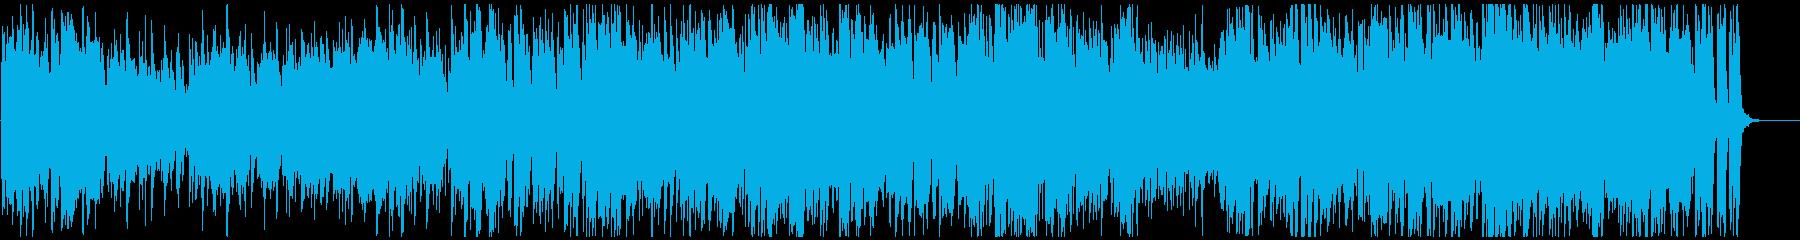 爽やかポップ、70年代系 フルート生演奏の再生済みの波形